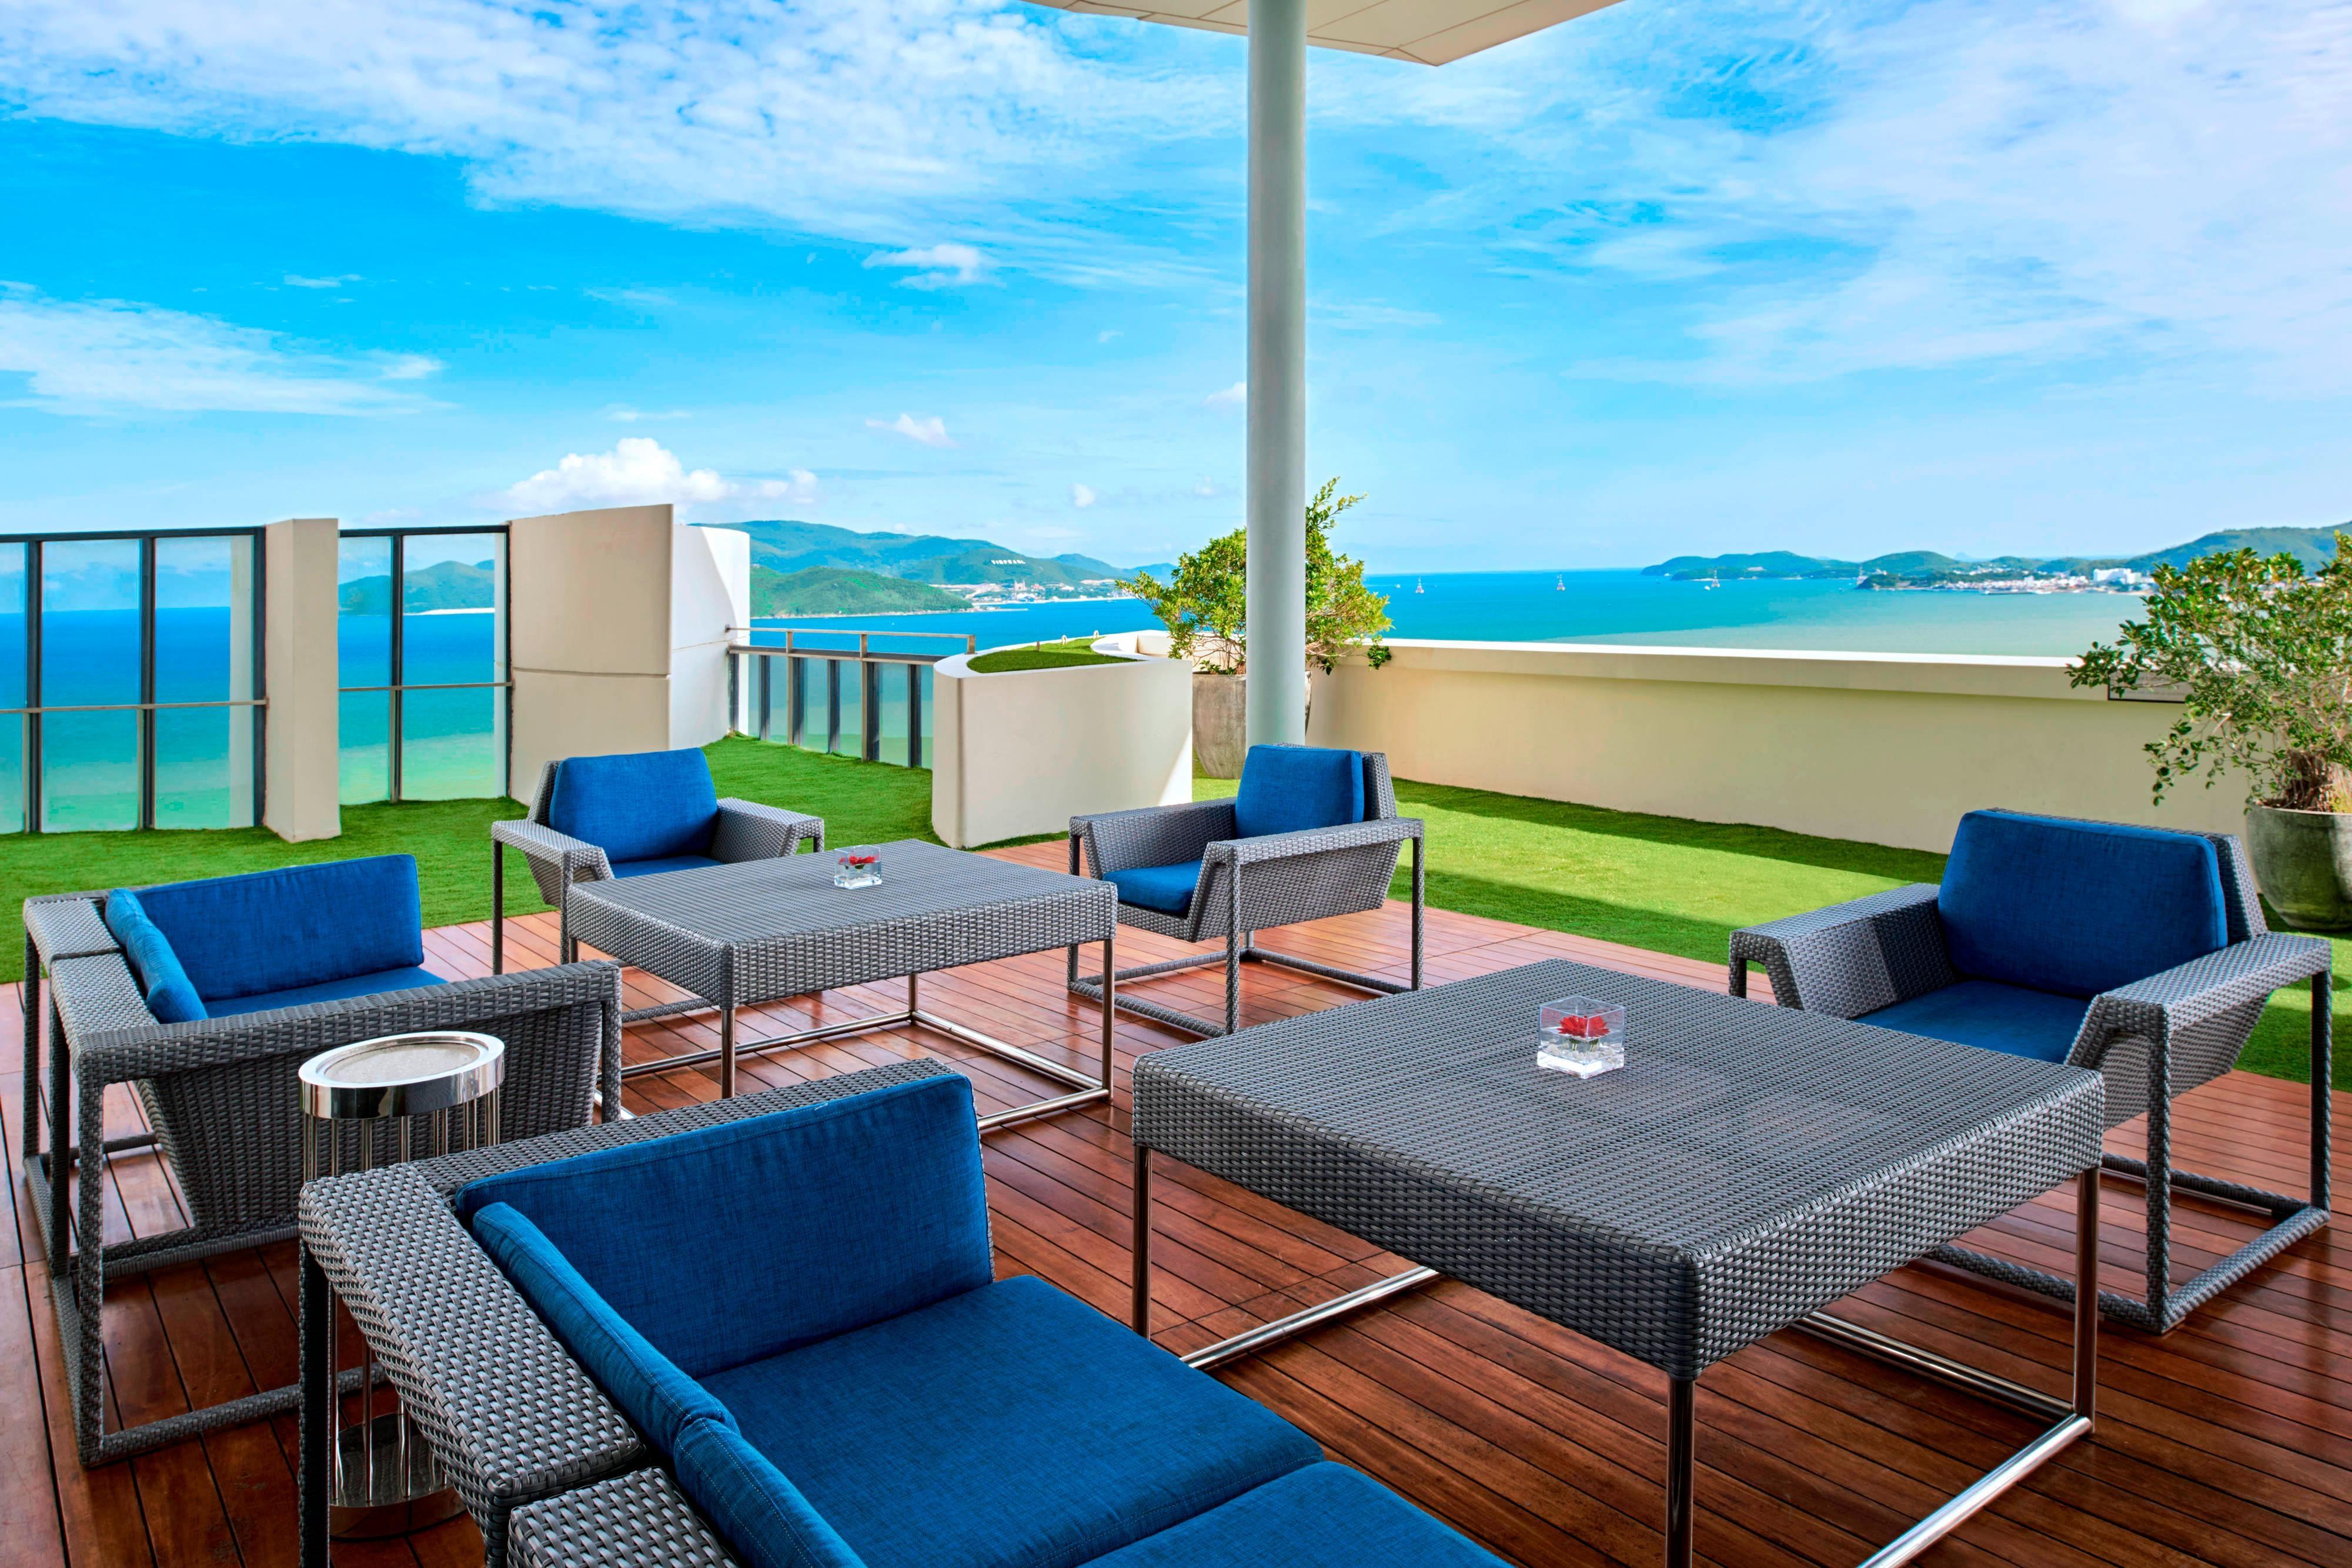 Sheraton Club Lounge -Terrace